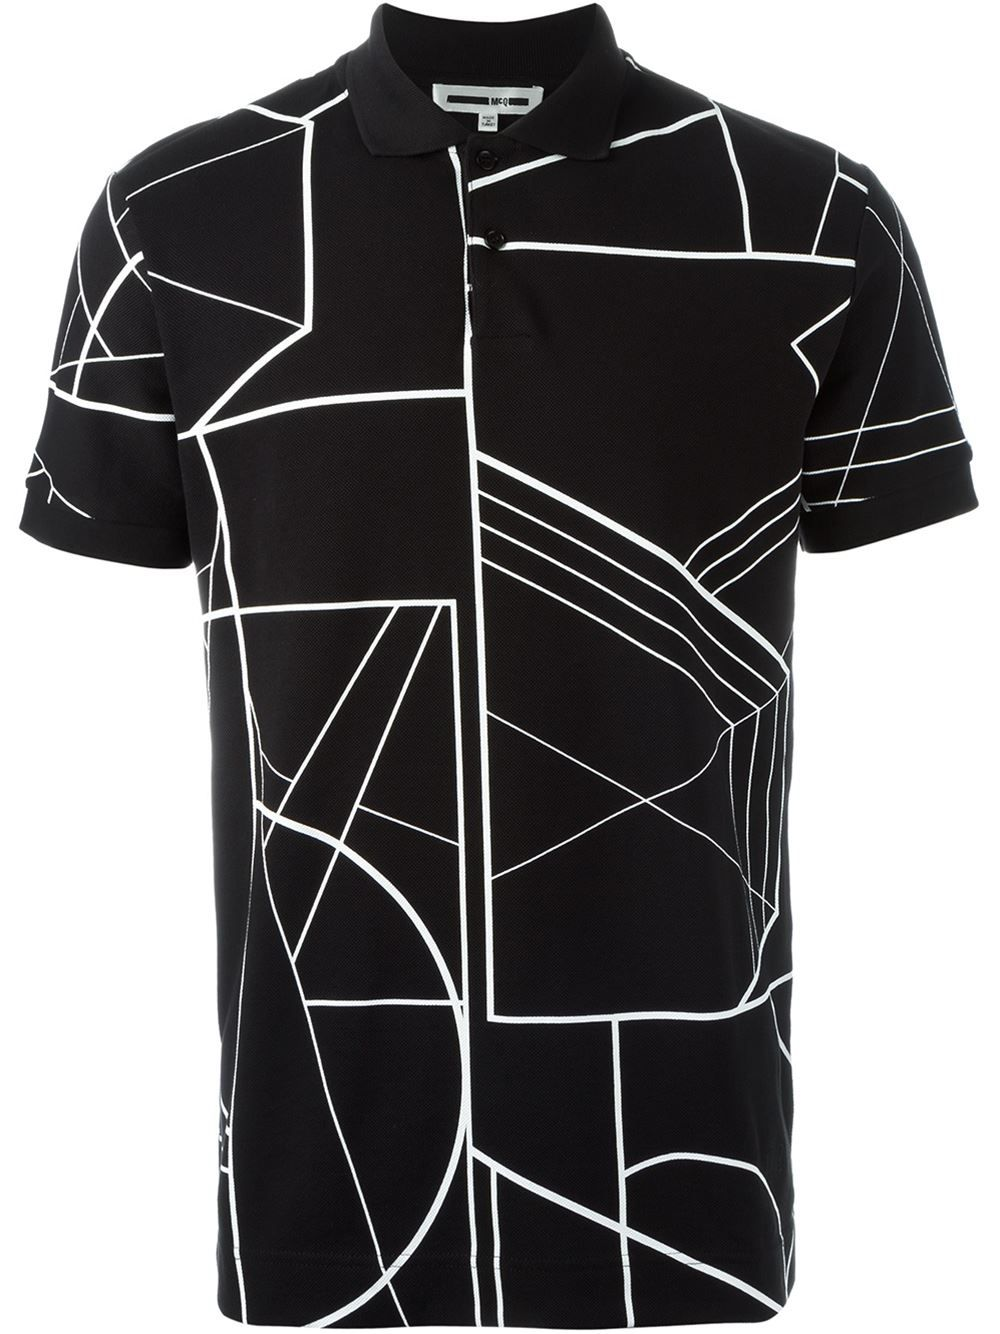 632db5e9b0 McQ Alexander McQueen Polo Con Estampado Linear Angle - Farfetch. Estampas Camisas ...